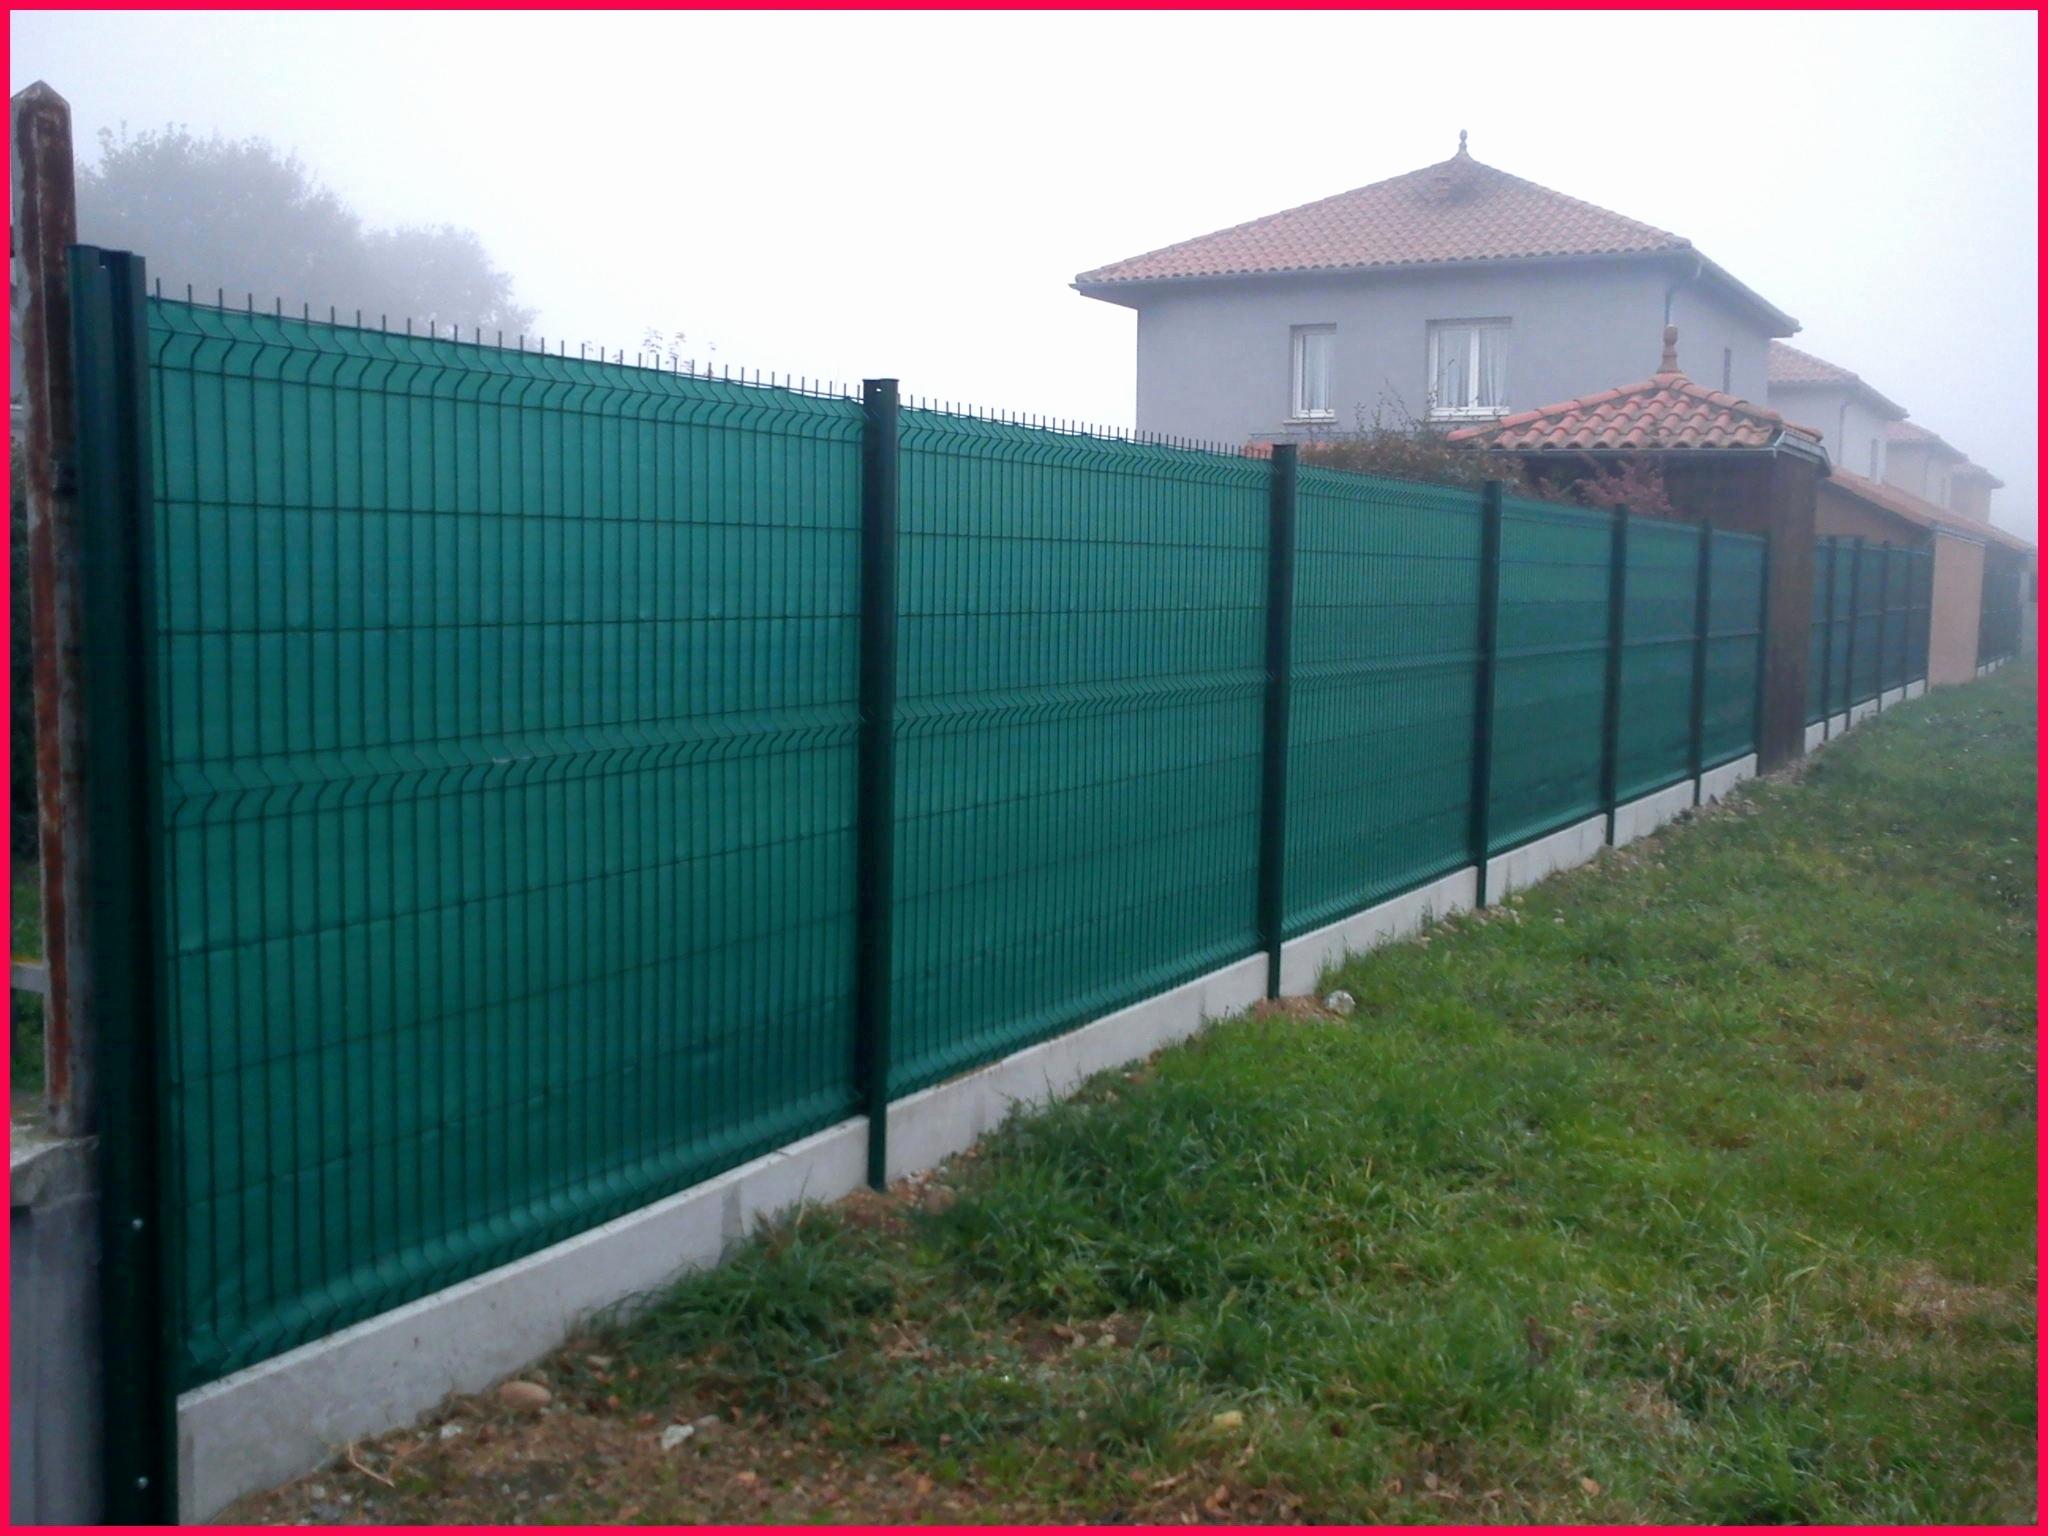 Cloture Jardin Pas Cher Brico Depot Luxe Photos Cloture Alu Brico Depot Frais Abri De Jardin En Bois Leclerc Plus